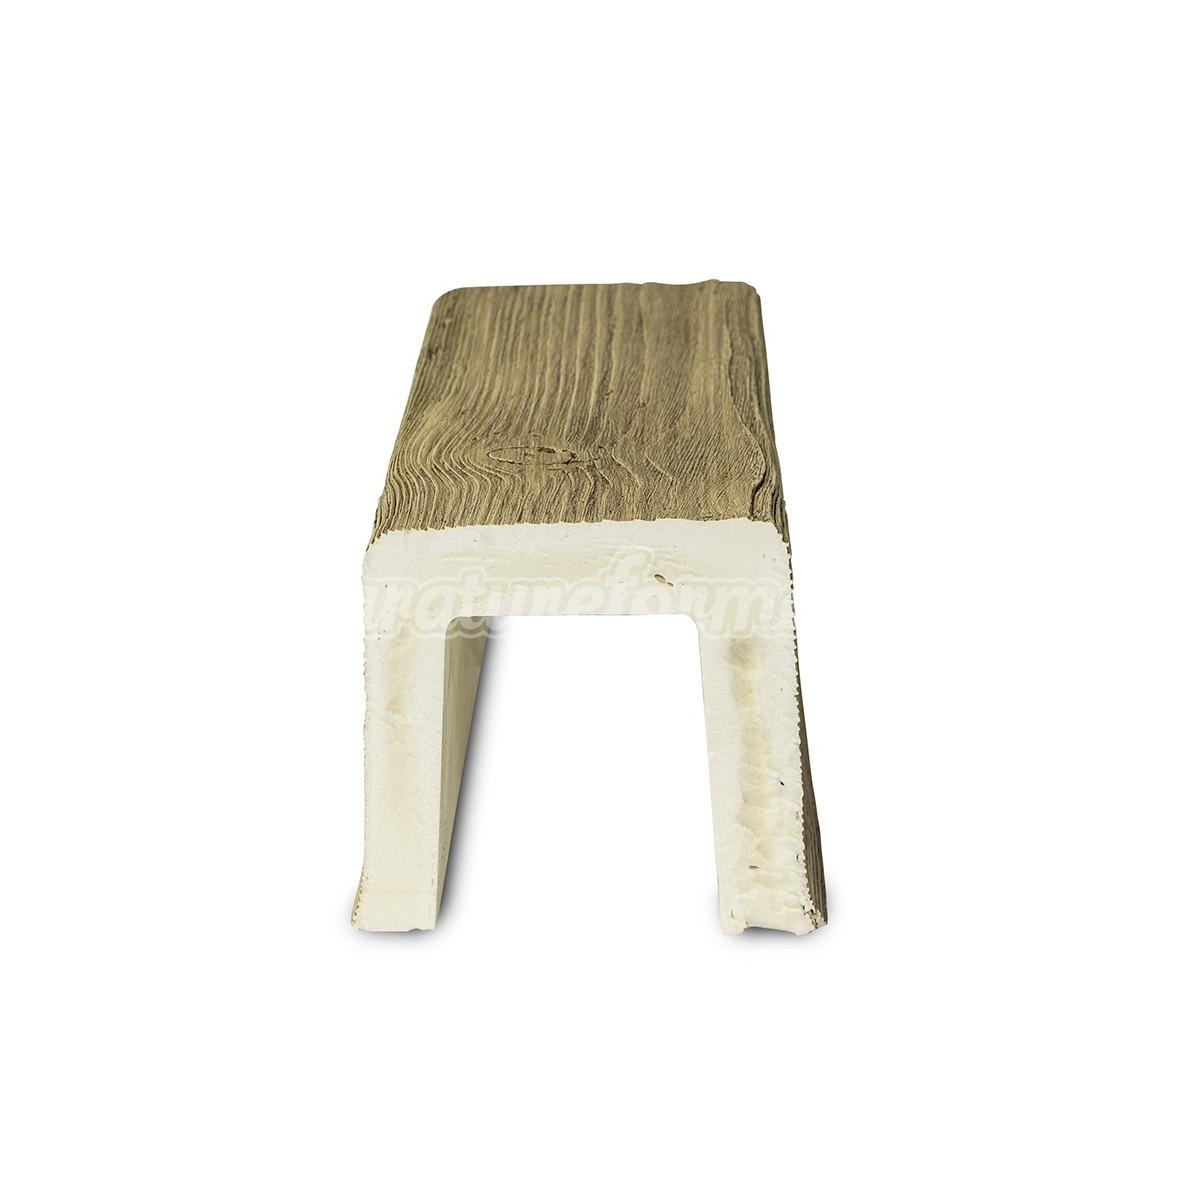 Vigas imitación madera cuadradas Grupo Unamacor Viga imitación a madera 300x10x10 online